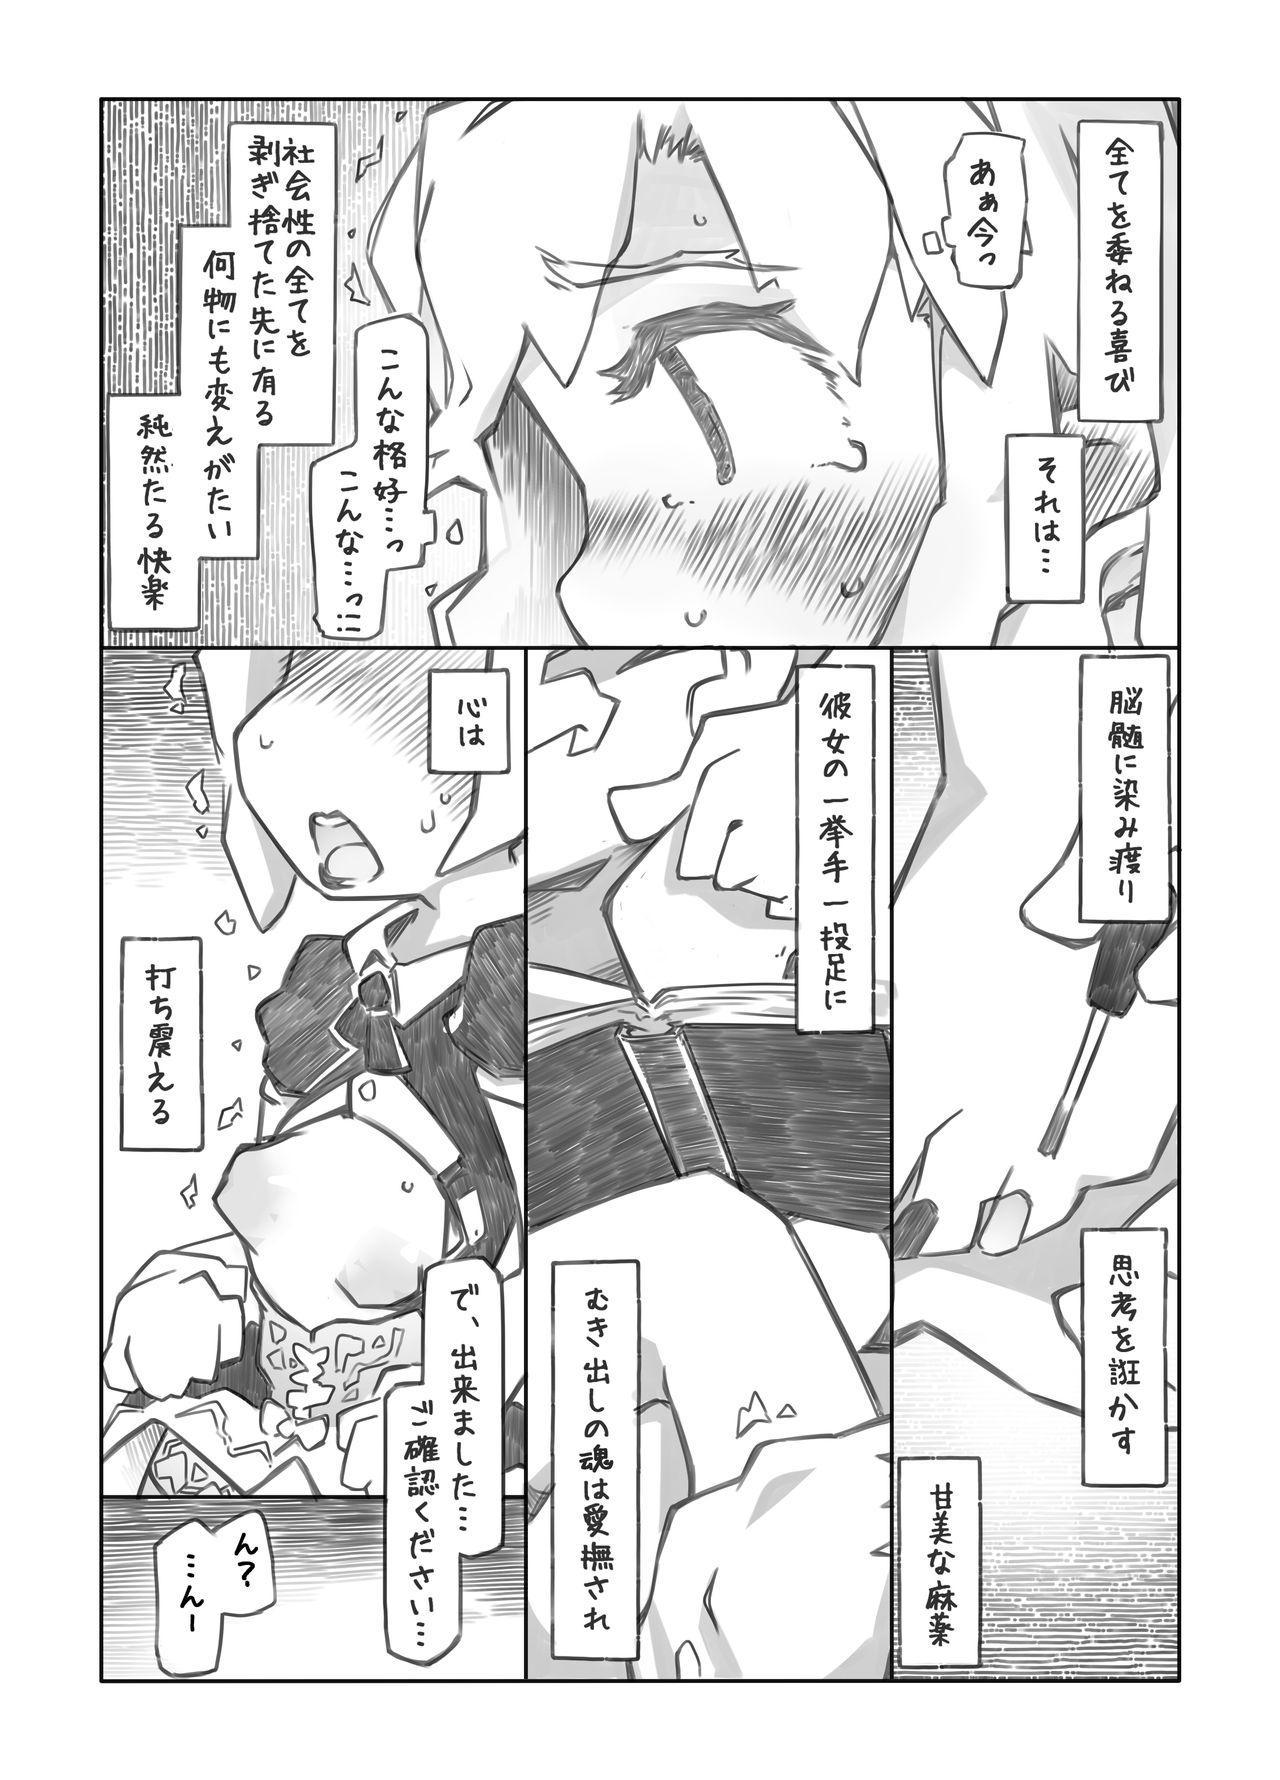 Juuzoku no Yorokobi 3